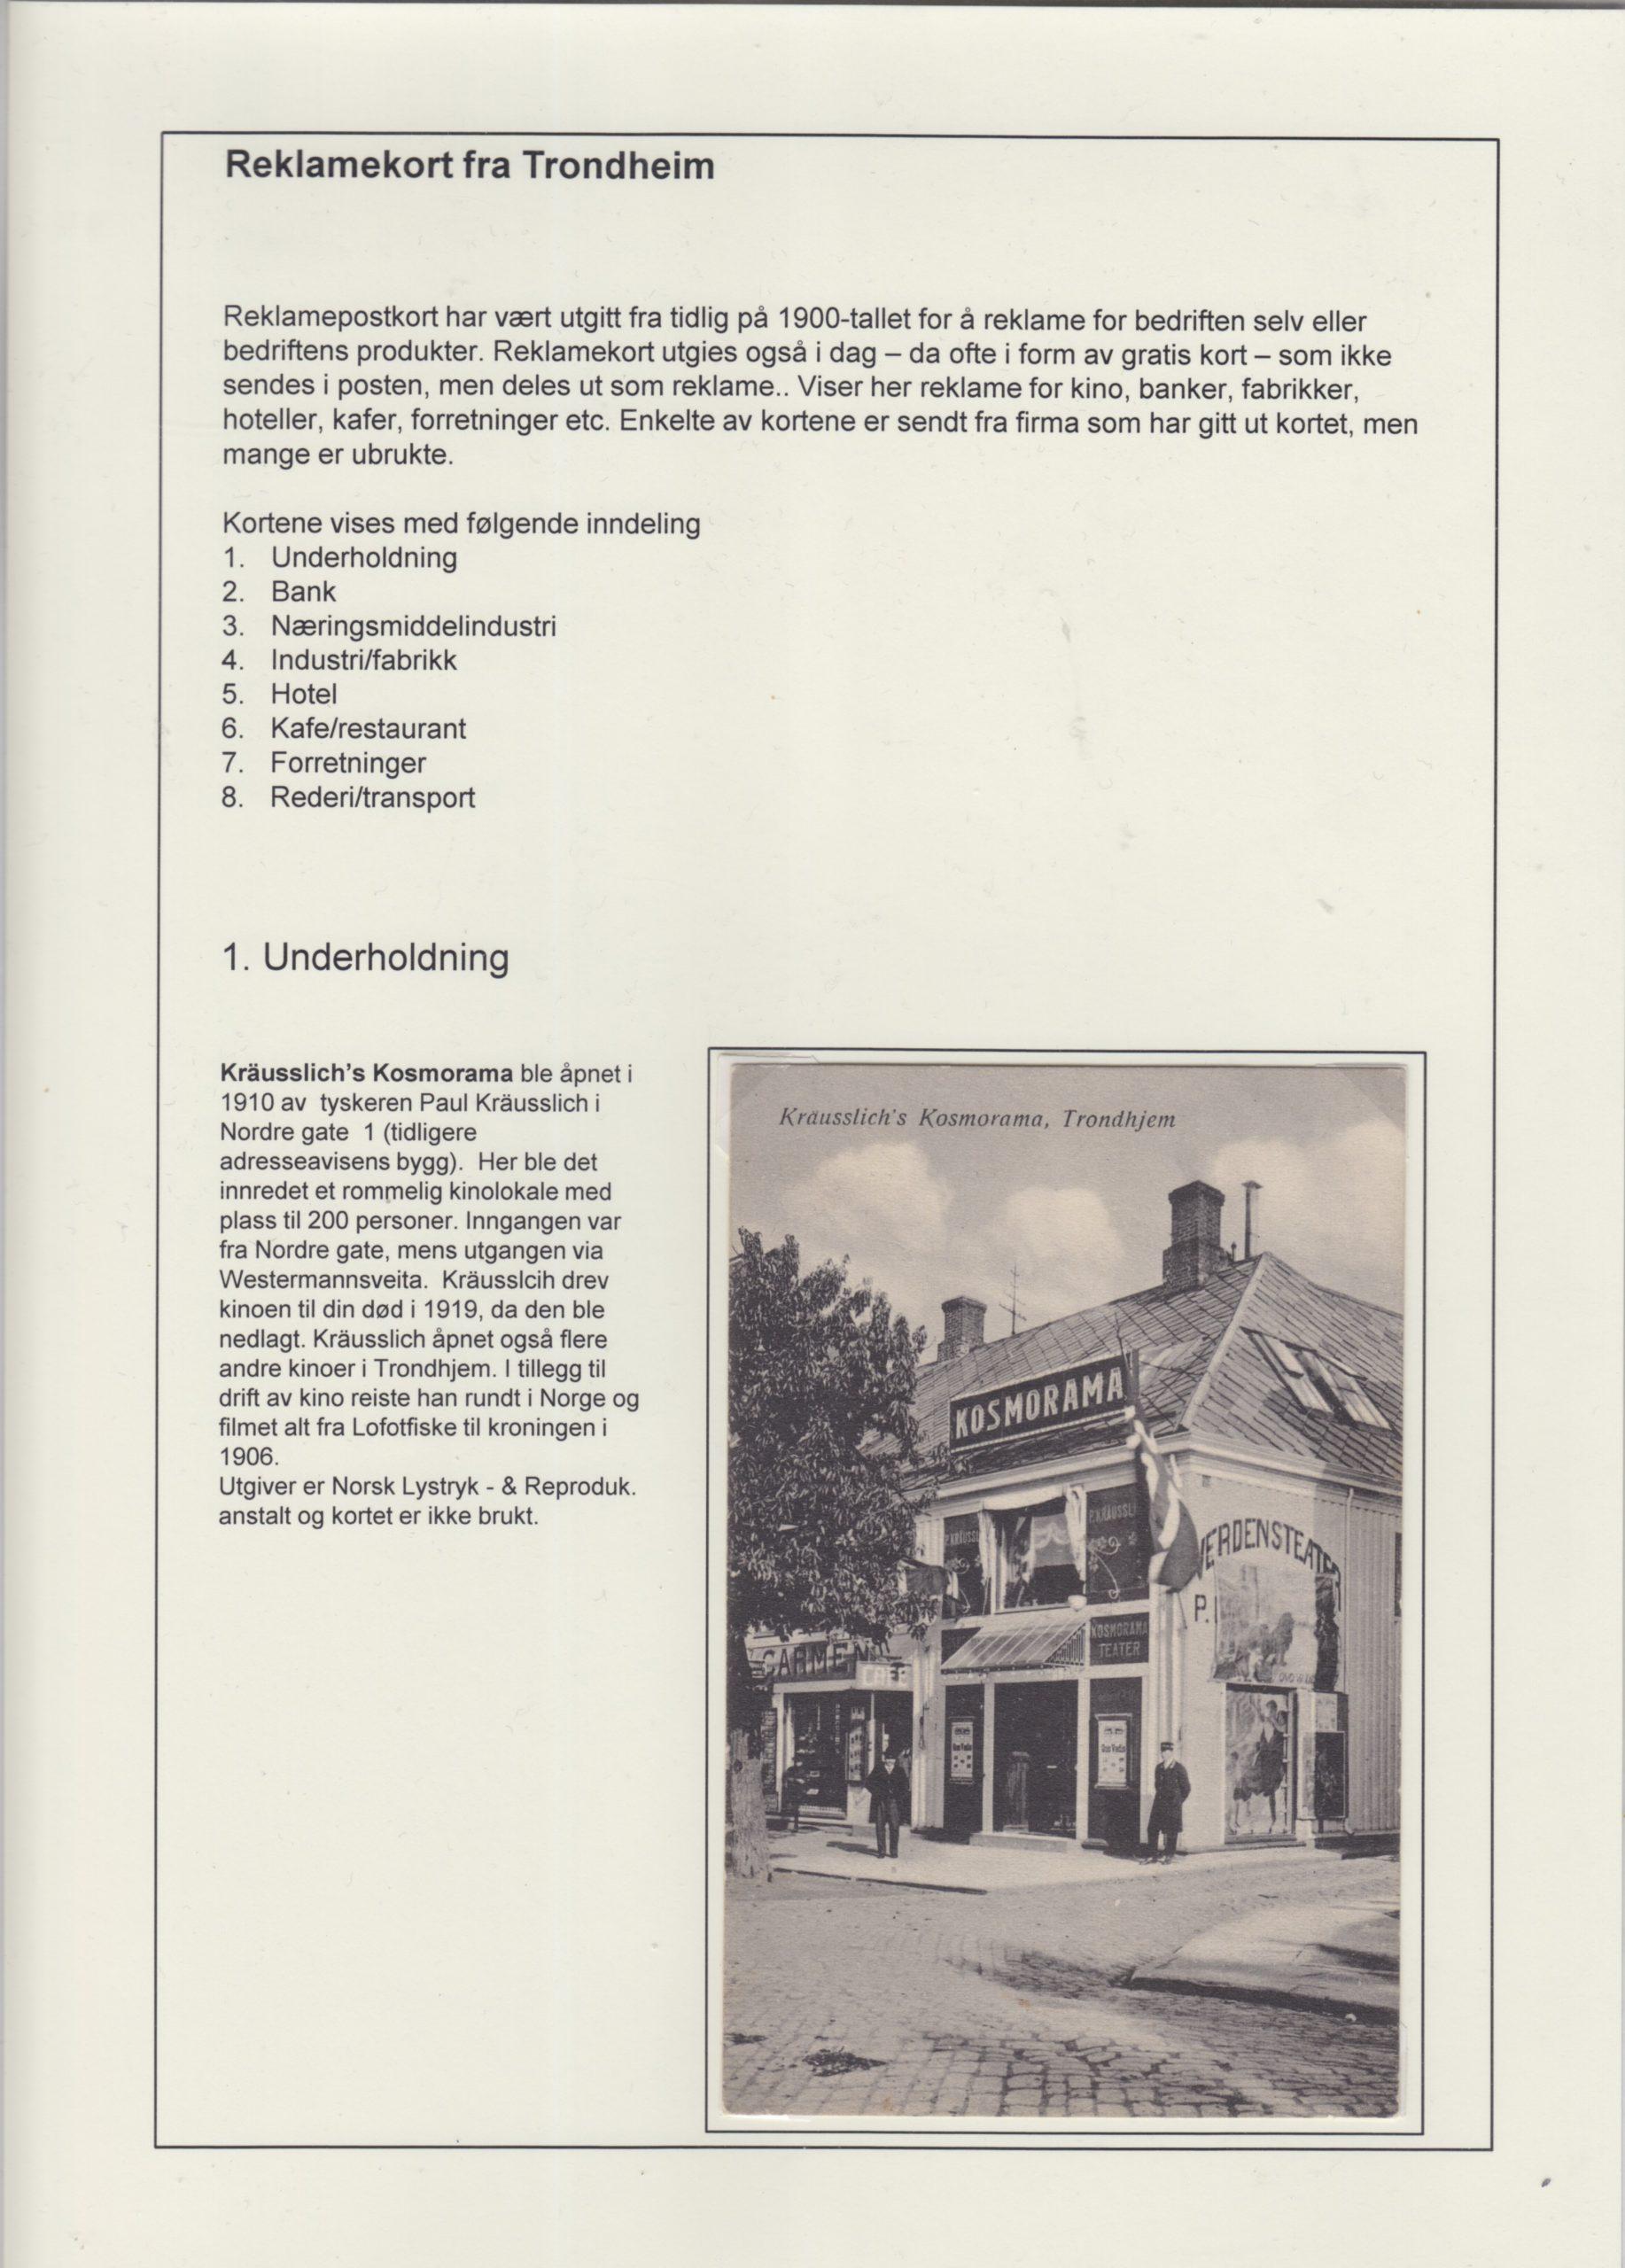 Reklamekort fra Trondheim